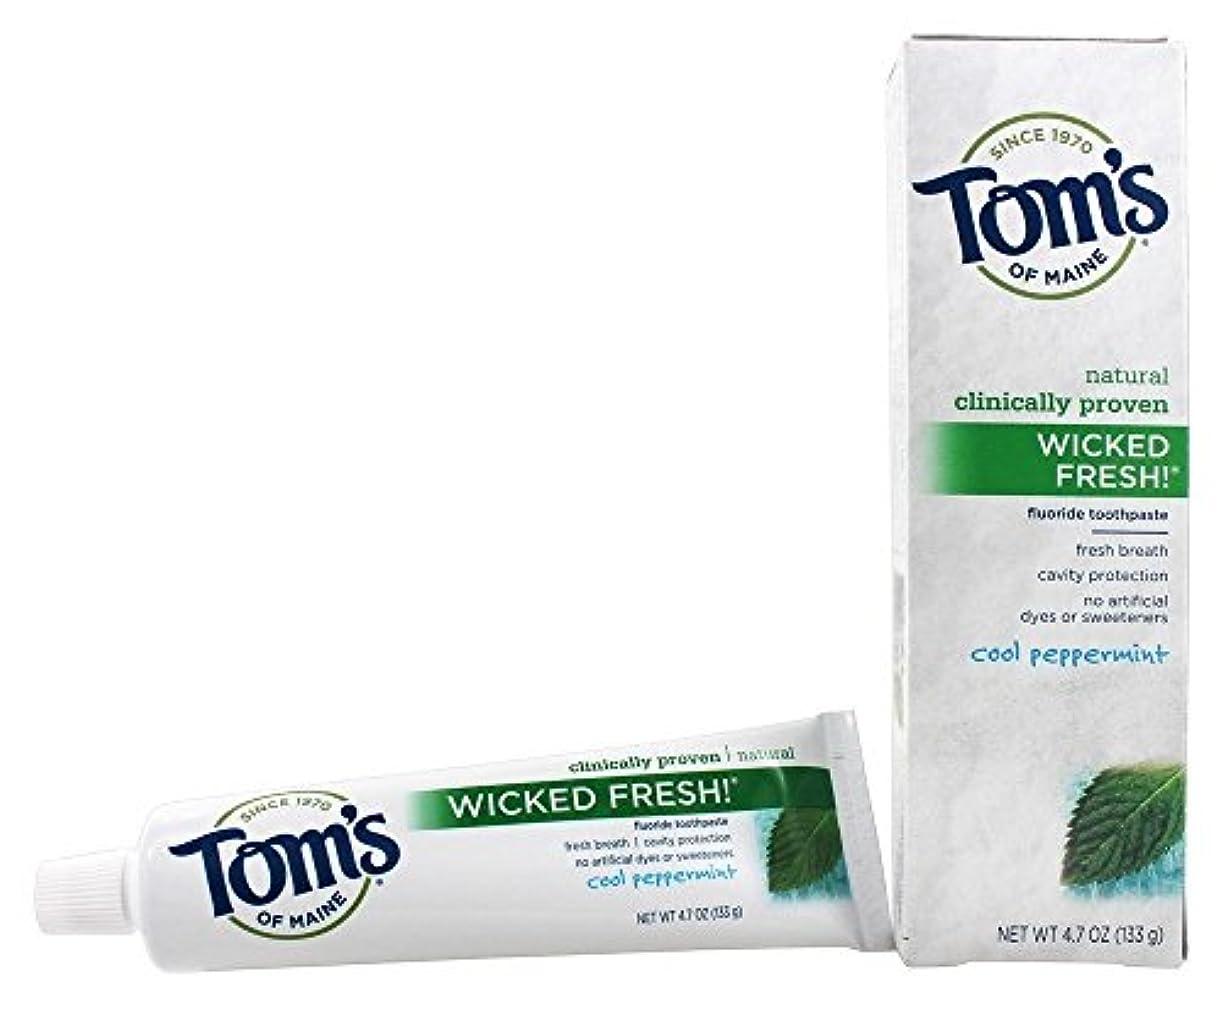 ラジウム住居無線Tom's of Maine ナチュラル邪悪な新鮮なフッ化物の歯磨き粉クールペパーミント4.70オズ